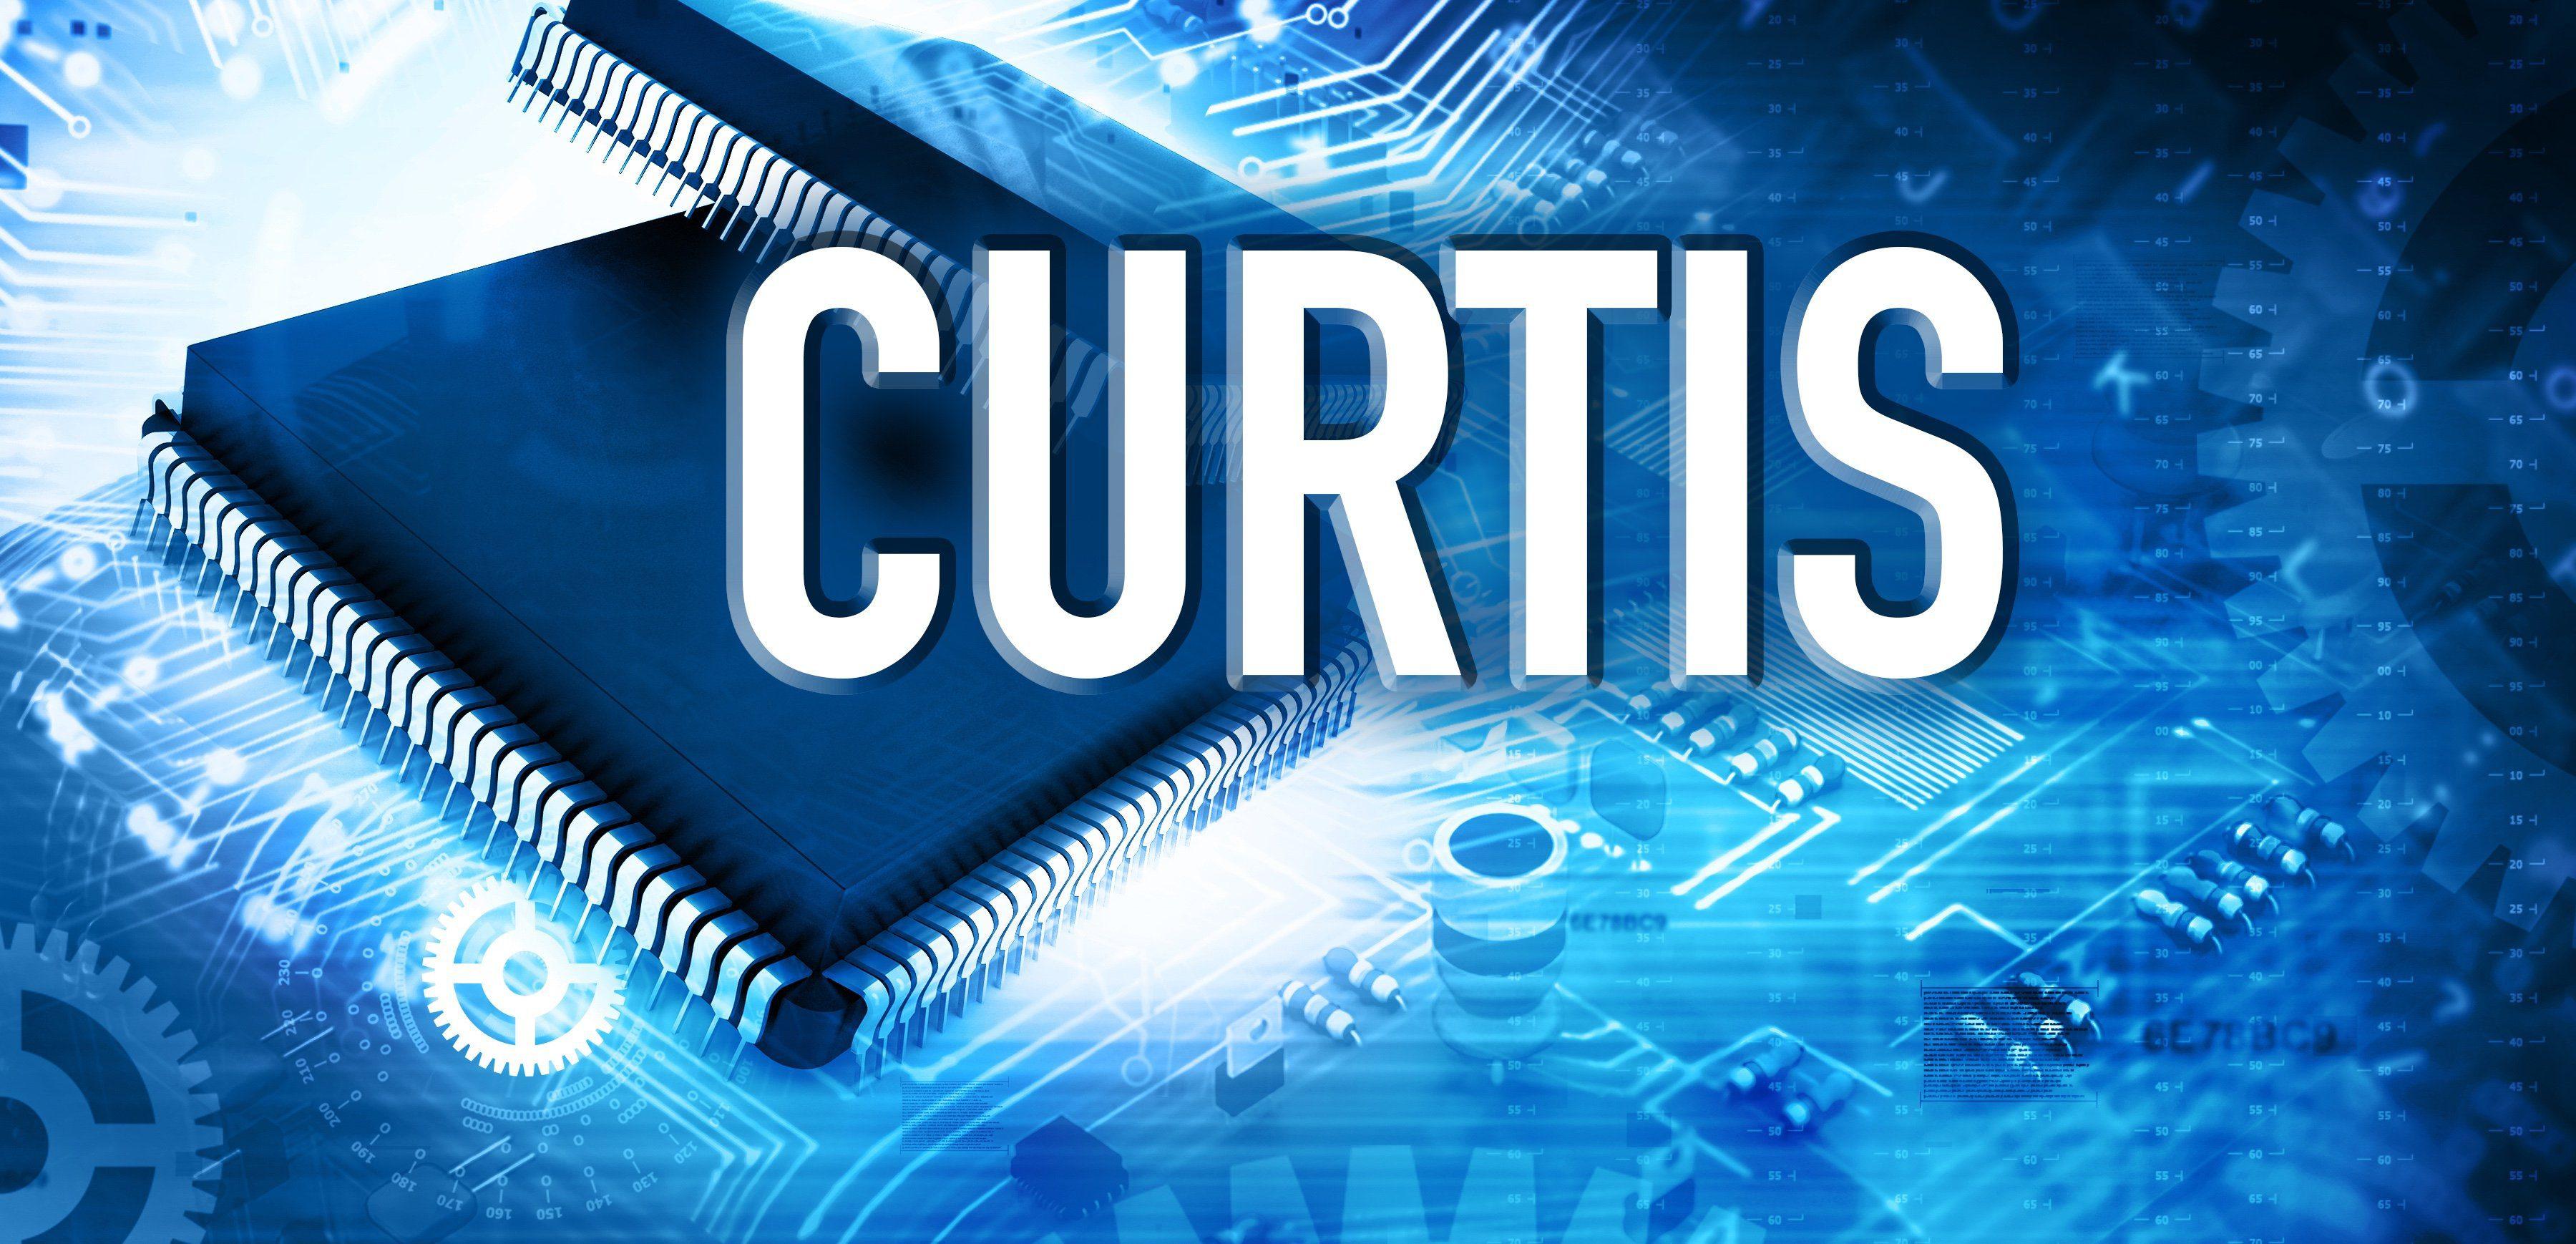 Wieder aufgelegt: Curtis 3340 VCO & Curtis 3320 VCF - AMAZONA de